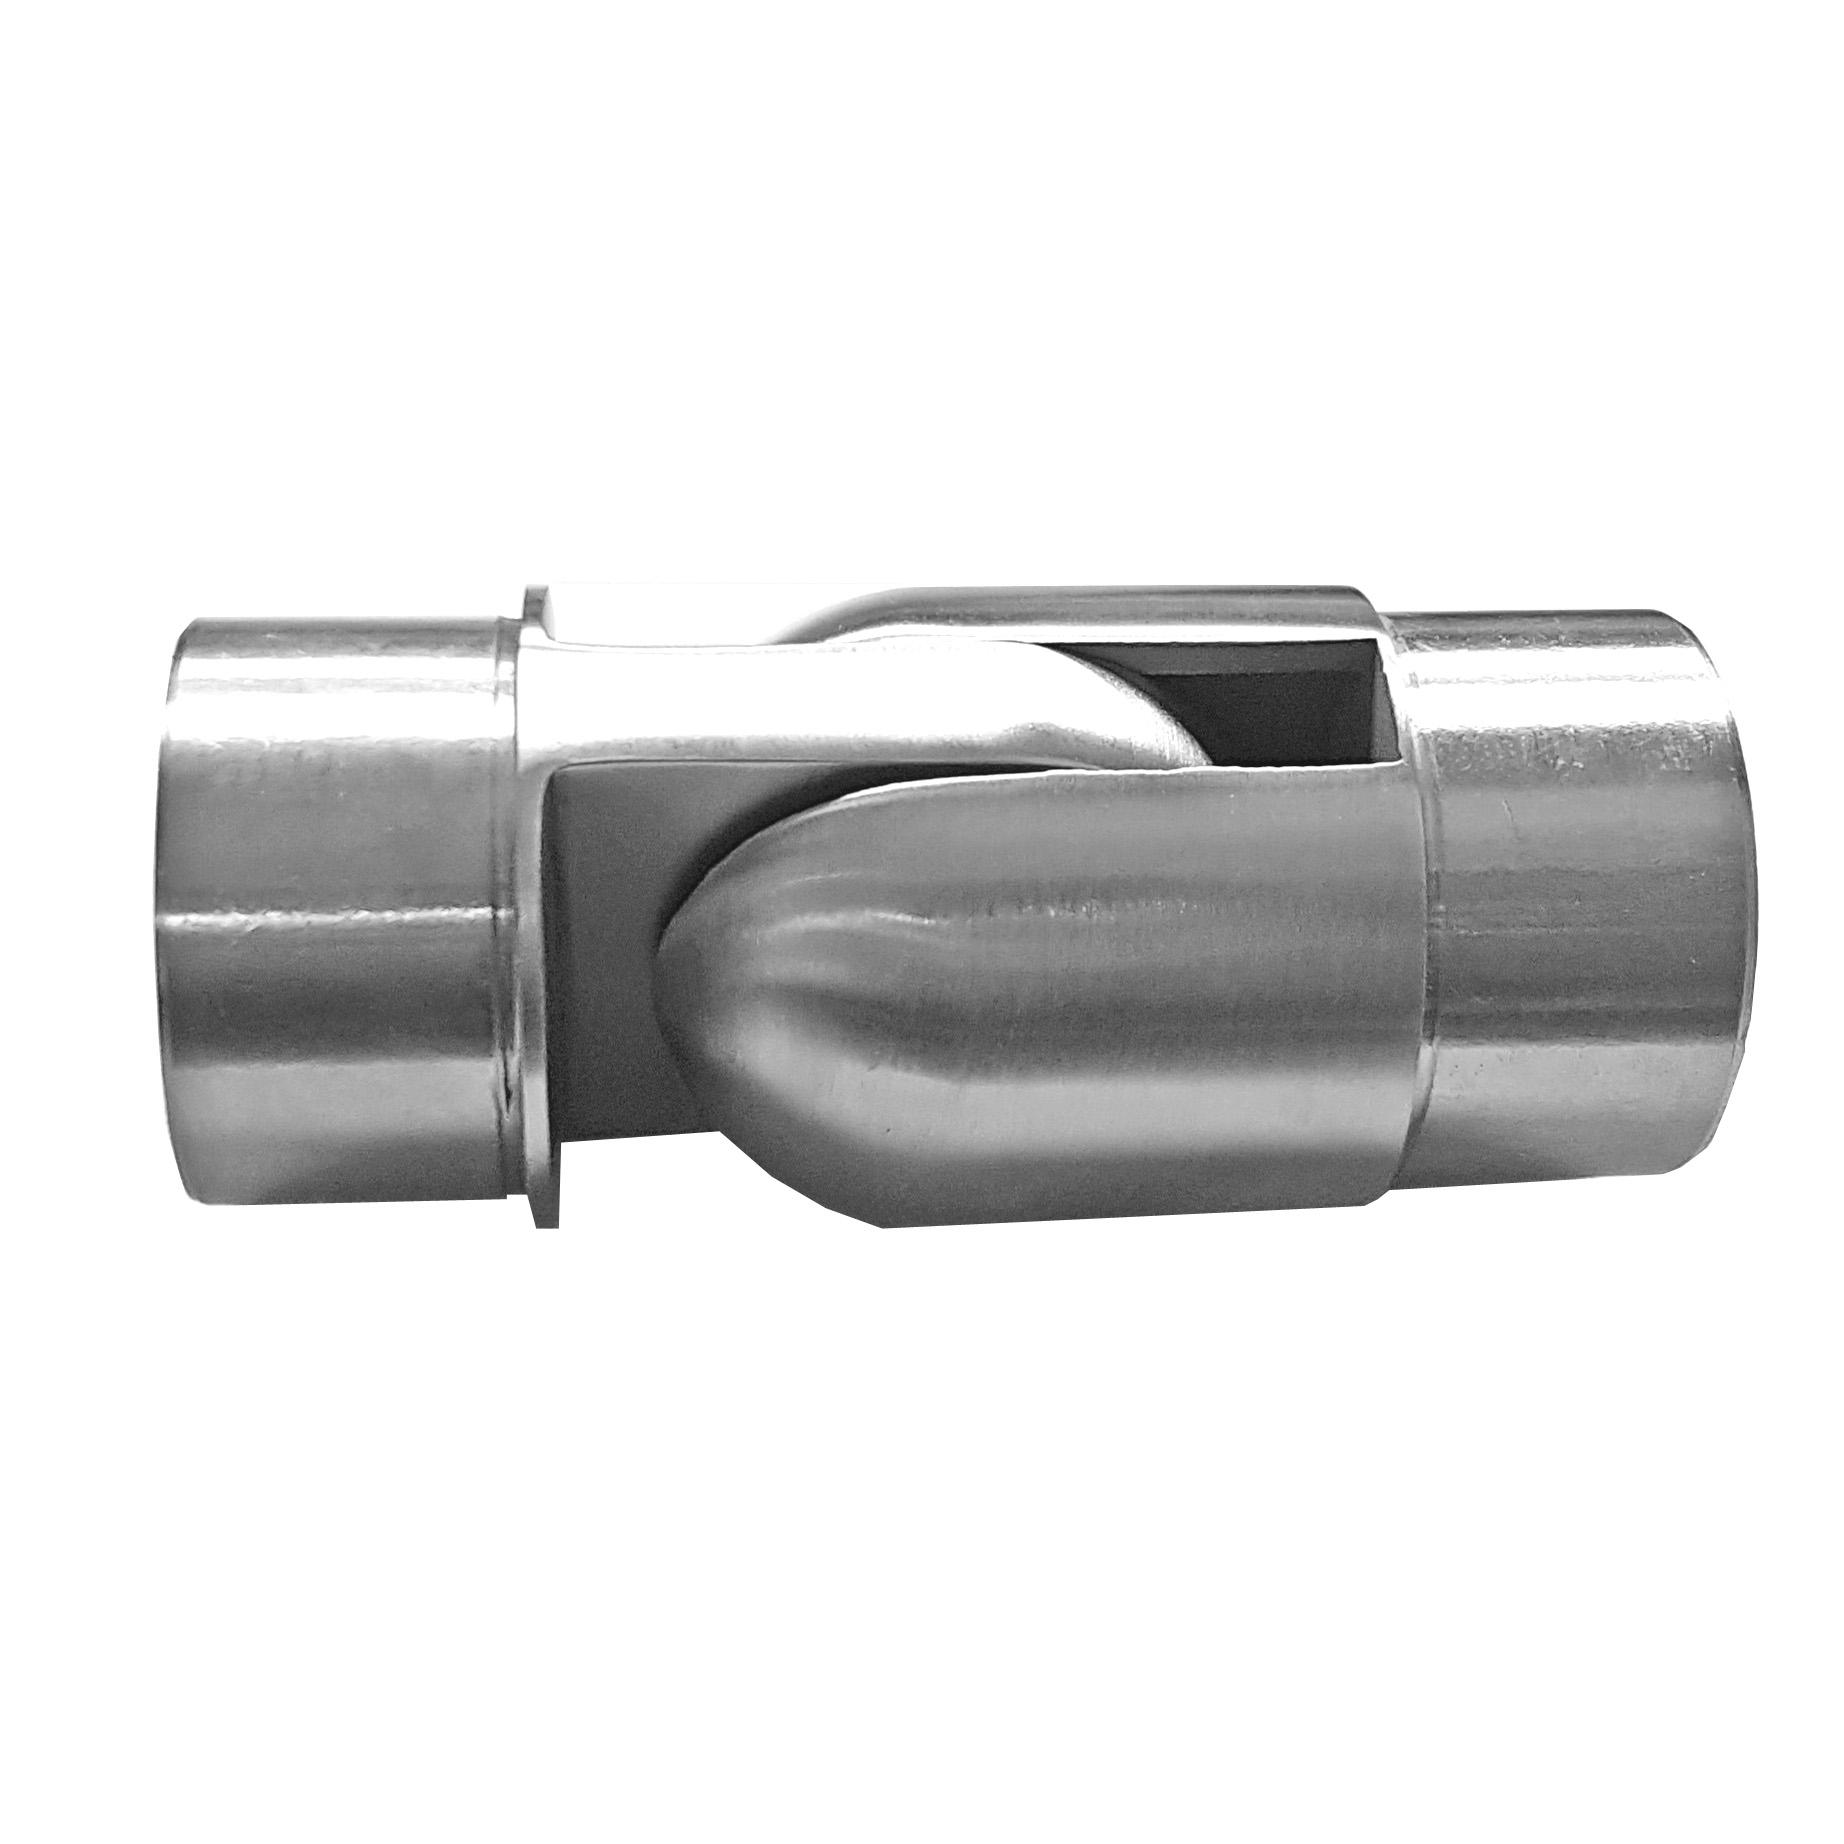 Edelstahl 42,4 Rohr WINKEL WAND-HALTER Geländer Fitting